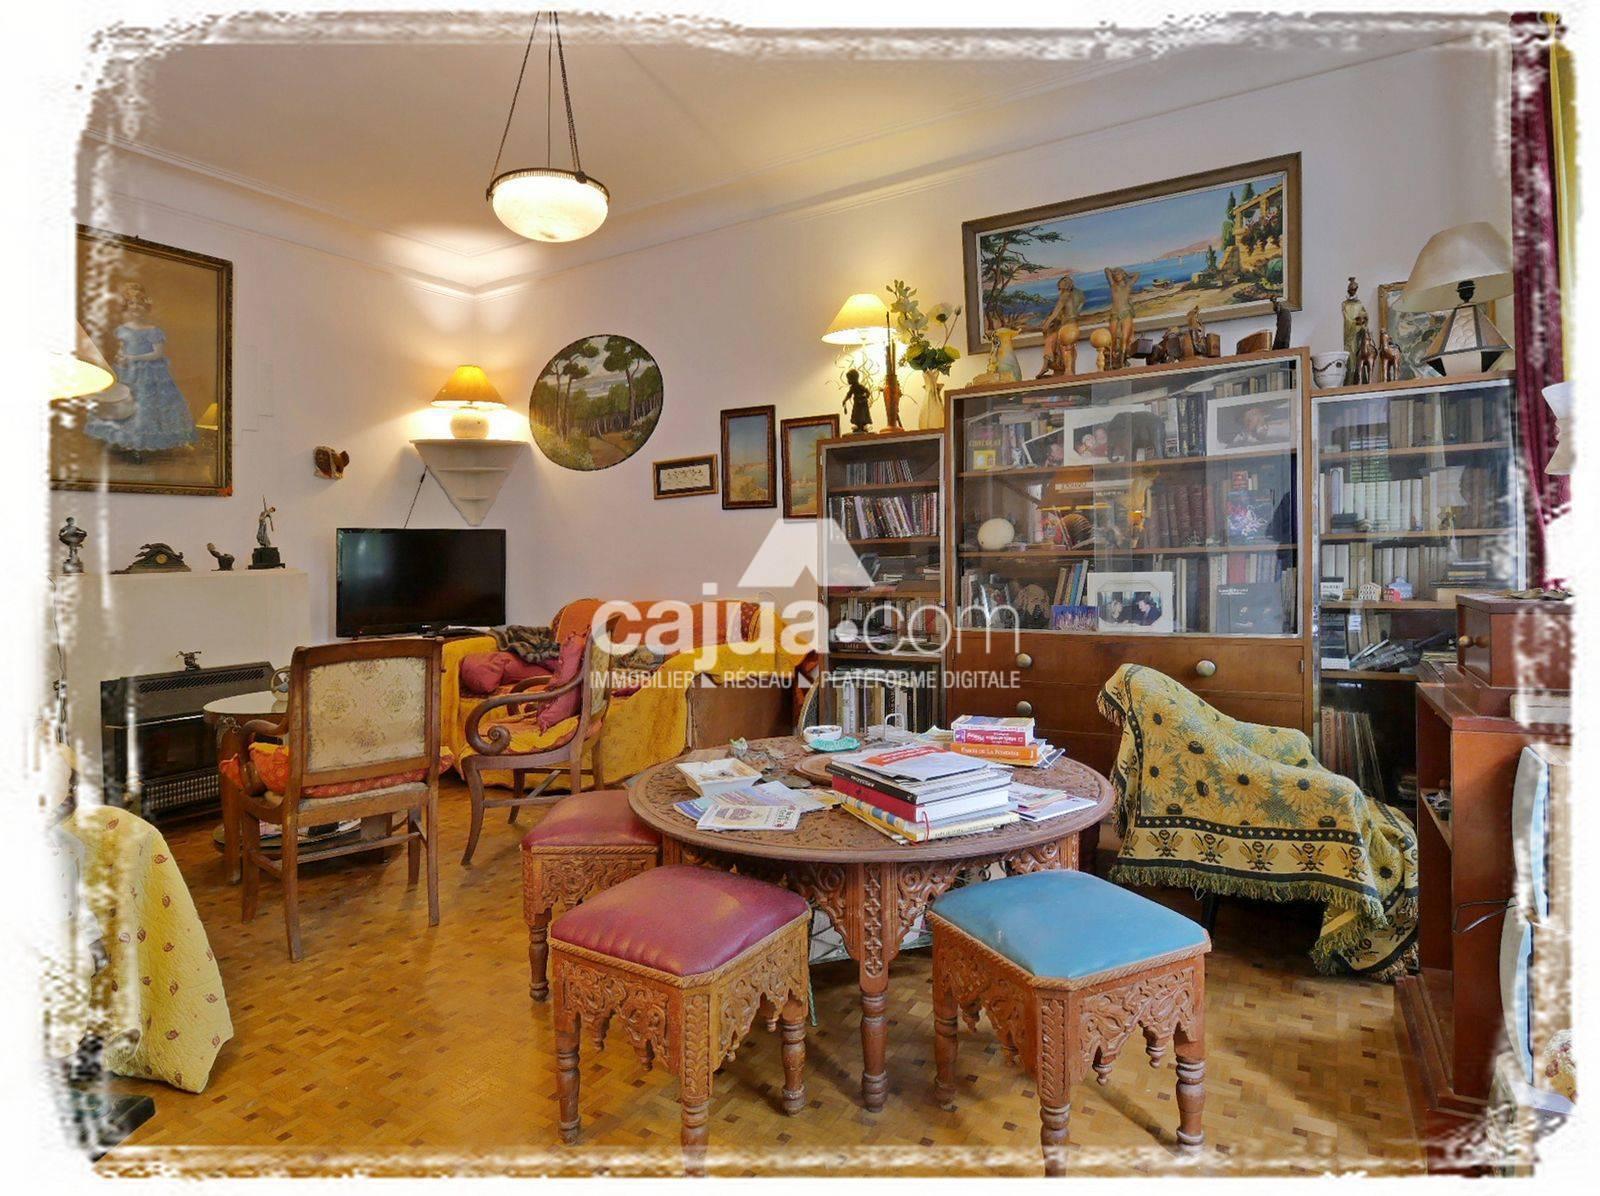 Vente Maison 4 Pieces 90 M A Marseille 16e Arrondissement 13016 Estaque